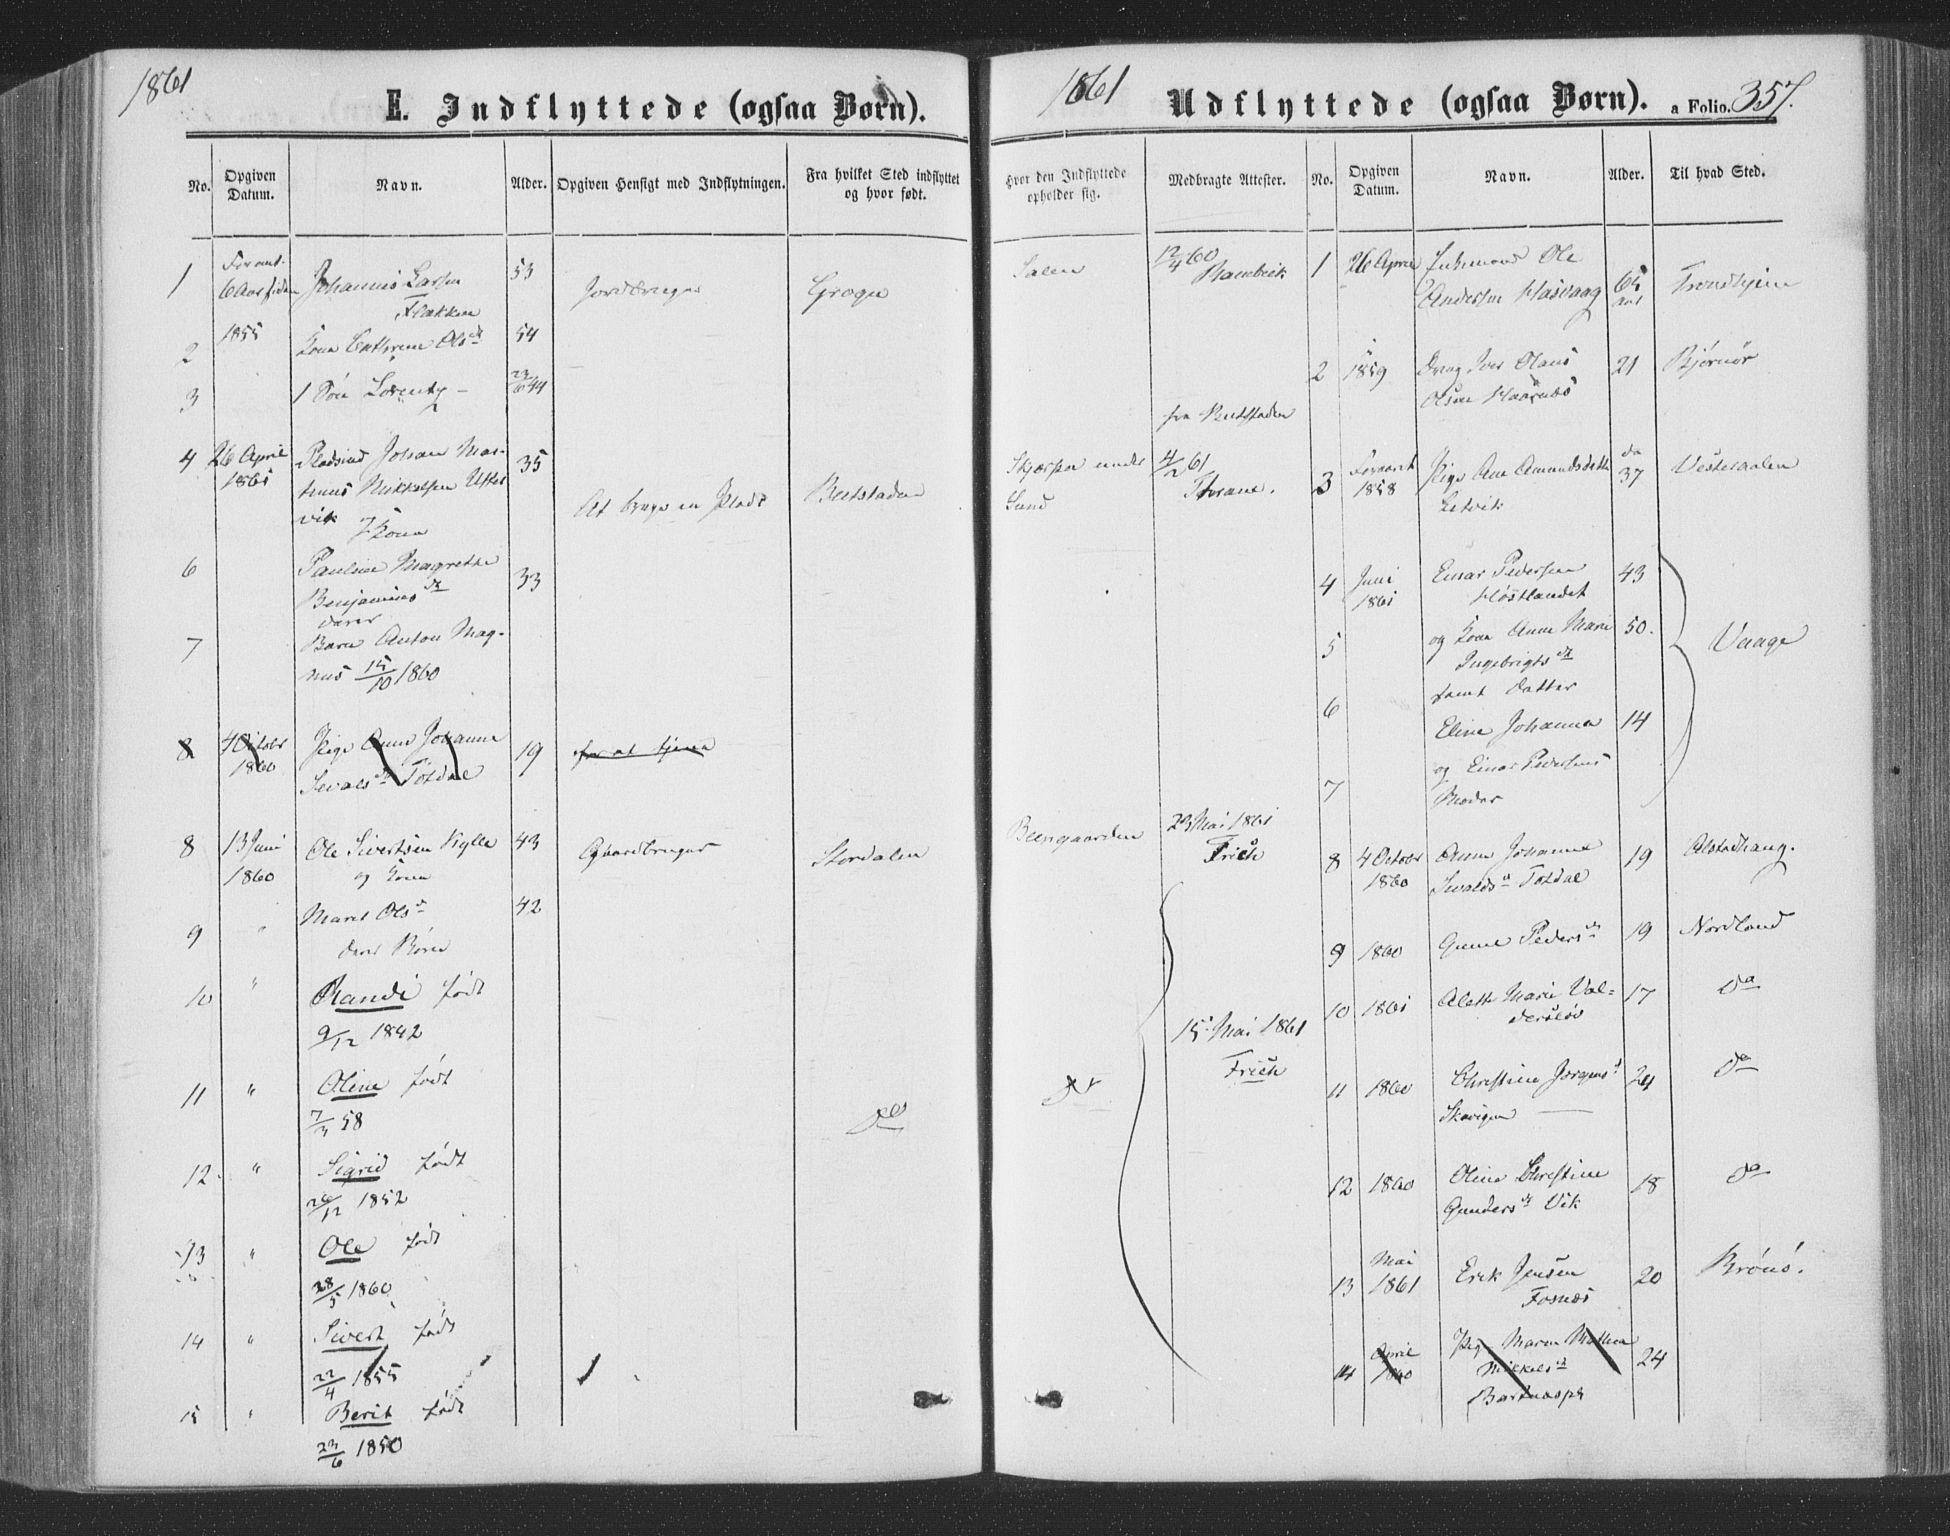 SAT, Ministerialprotokoller, klokkerbøker og fødselsregistre - Nord-Trøndelag, 773/L0615: Ministerialbok nr. 773A06, 1857-1870, s. 357